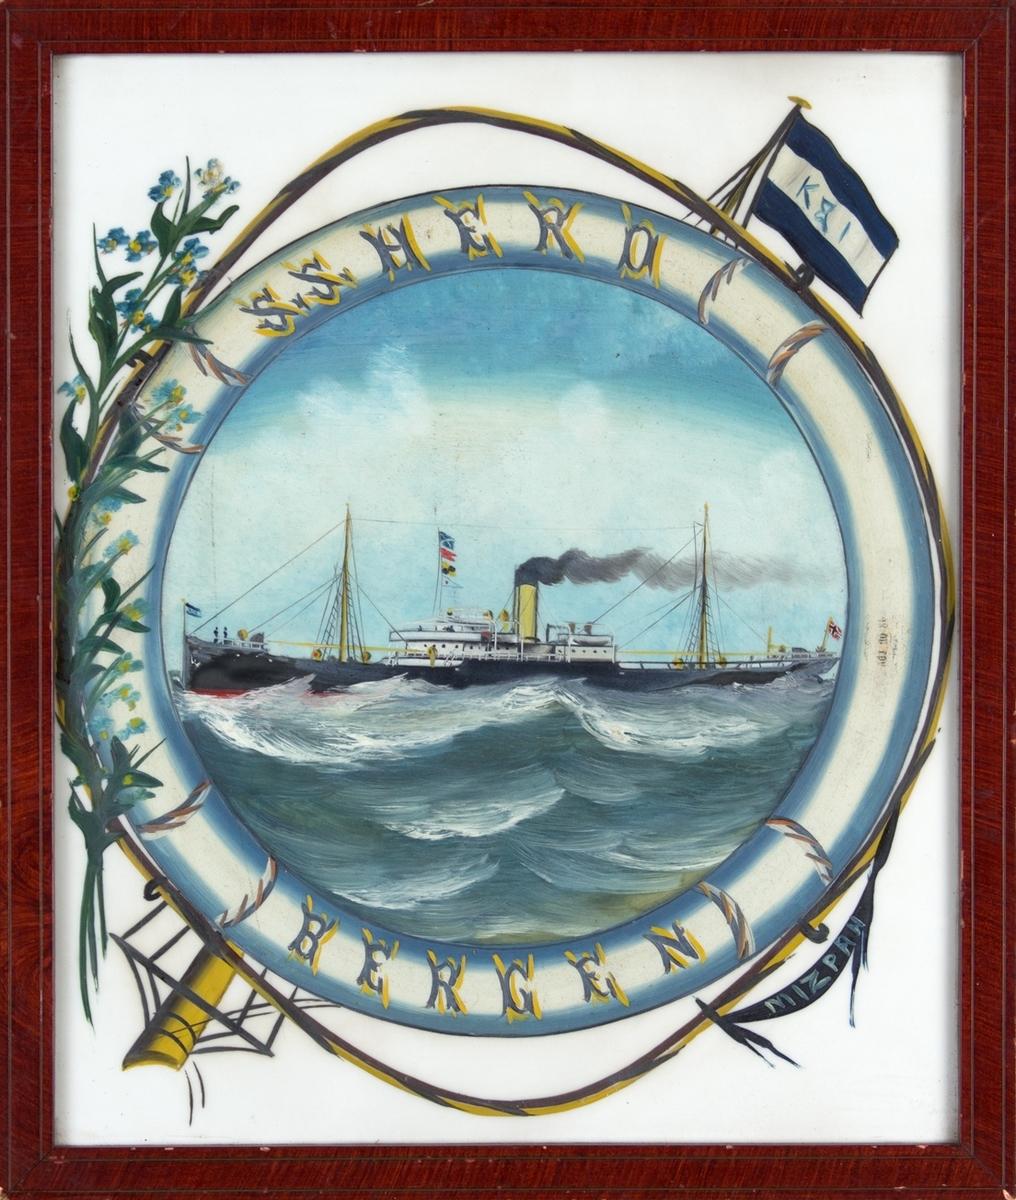 Skipsportrett av DS HERO under fart på åpent hav. Bilde er malt på hvit glass og omkranset av en dekorert livbøye. Blomsterdekor (forglemmegei) pryder venstre side mens rederiflagg til Kjær og Isdahl fra en mastetopp sees øverst til høyre.